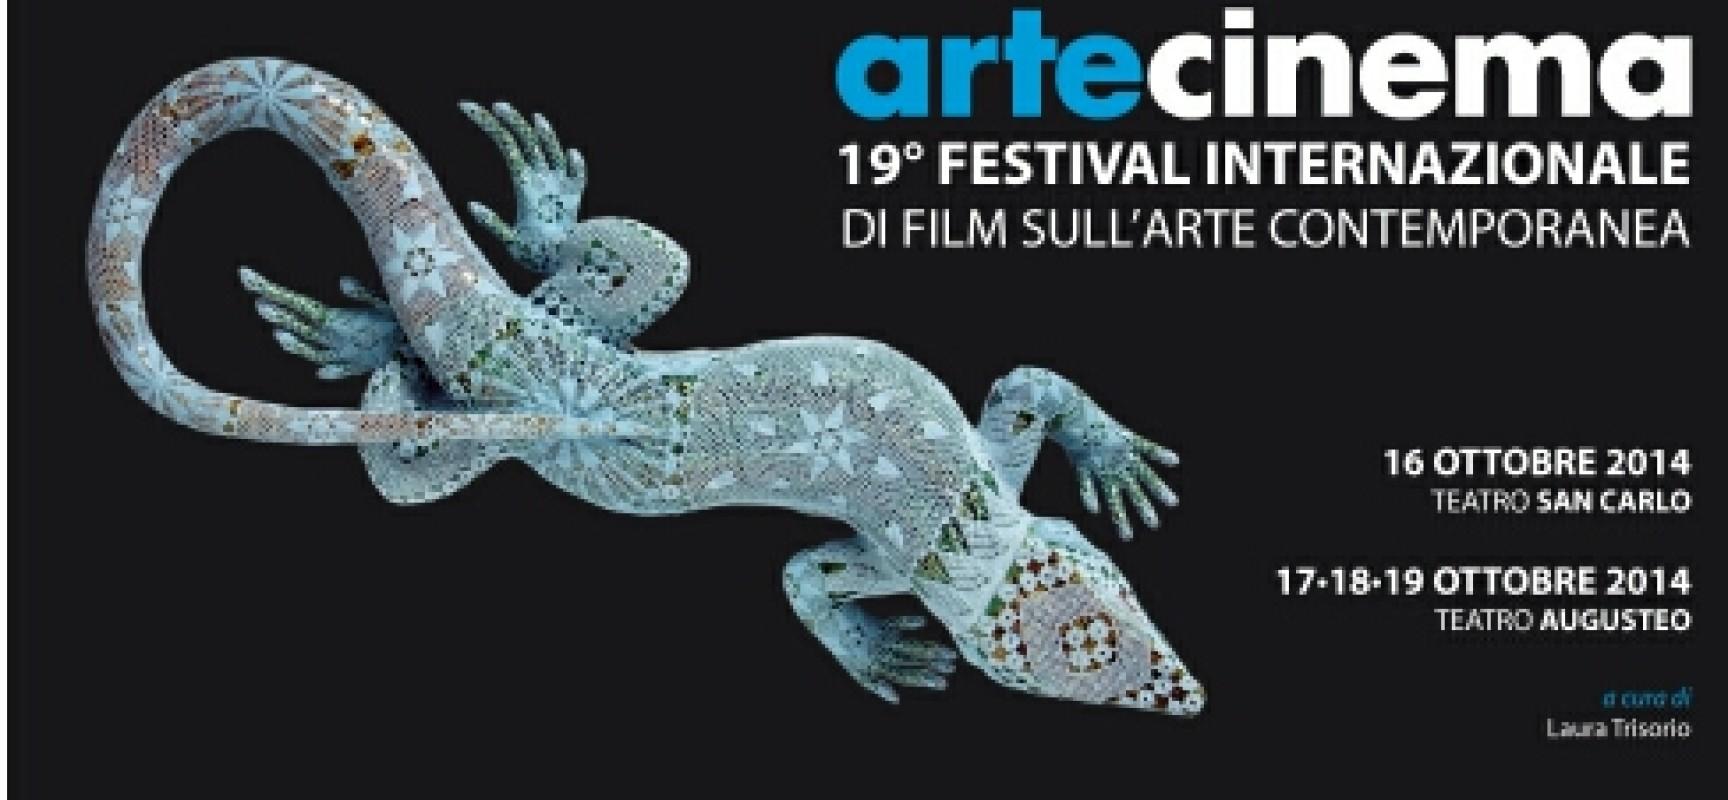 Artecinema, diciannove volte il cinema sposa arte contemporanea